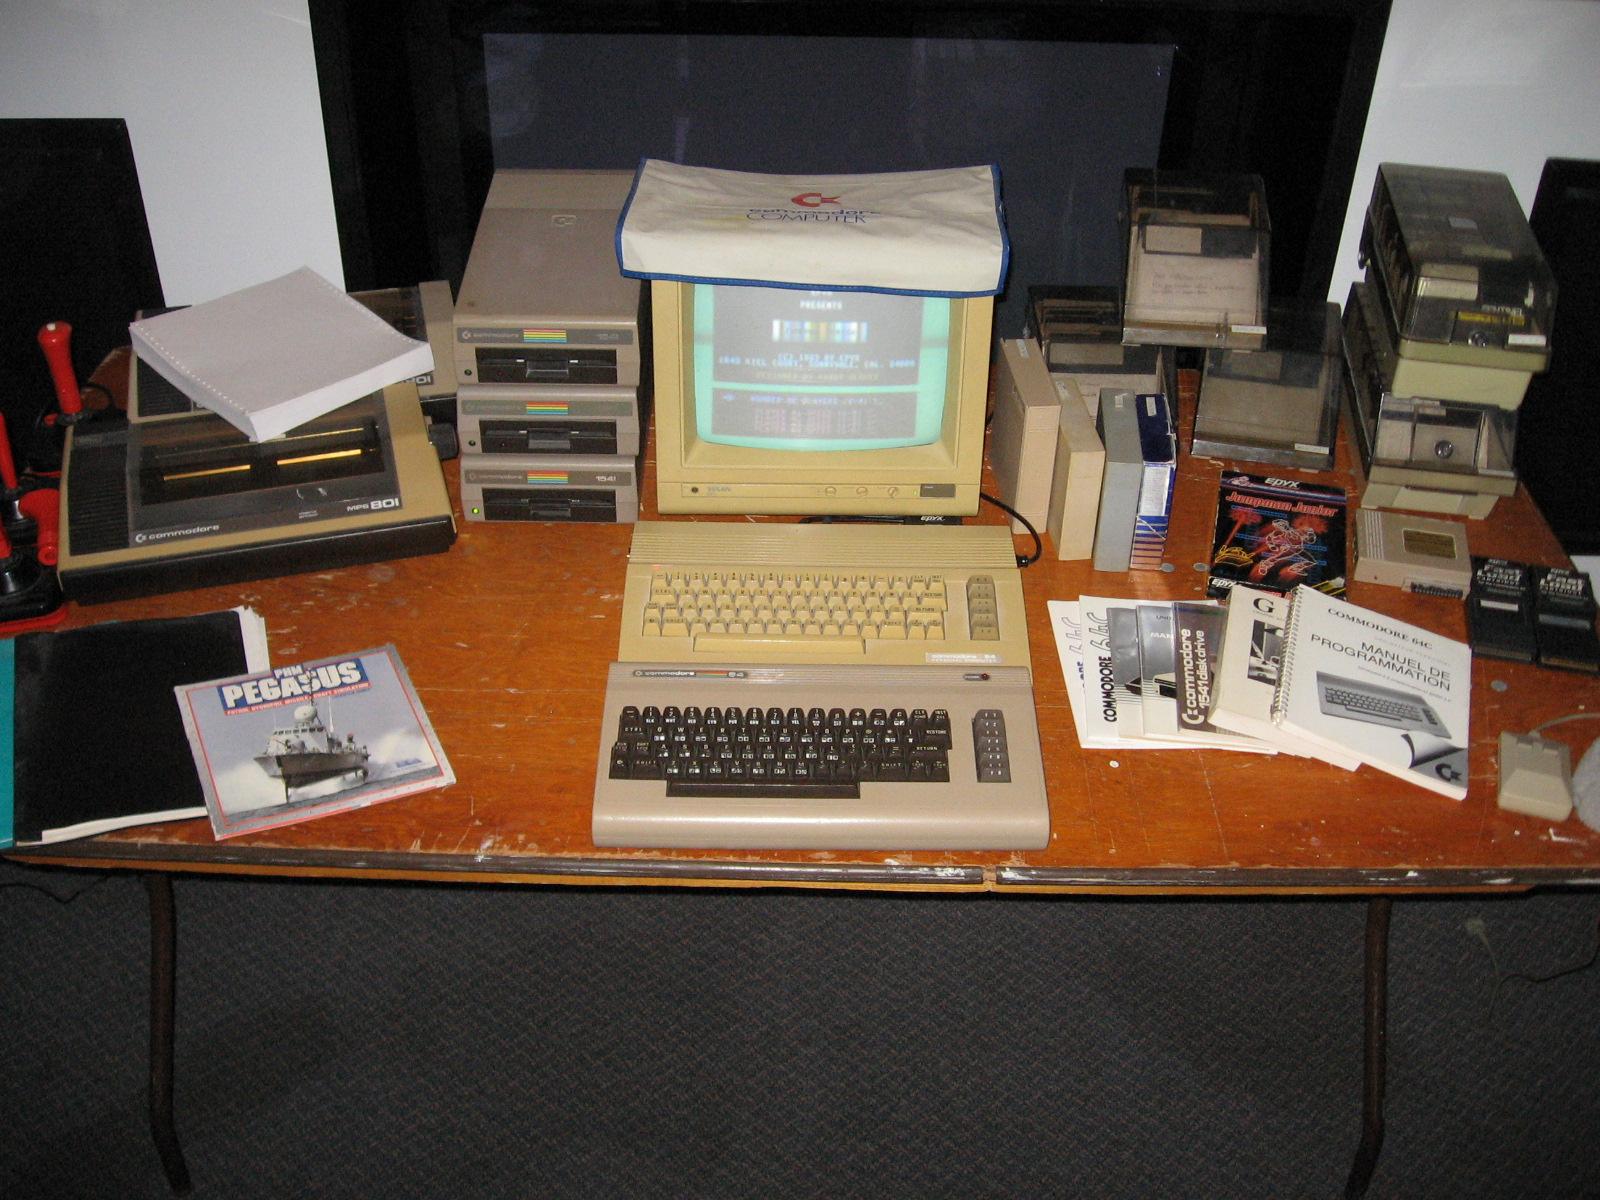 Commodore 64 for sale - Commodore ca: The PET, VIC, 128, 64